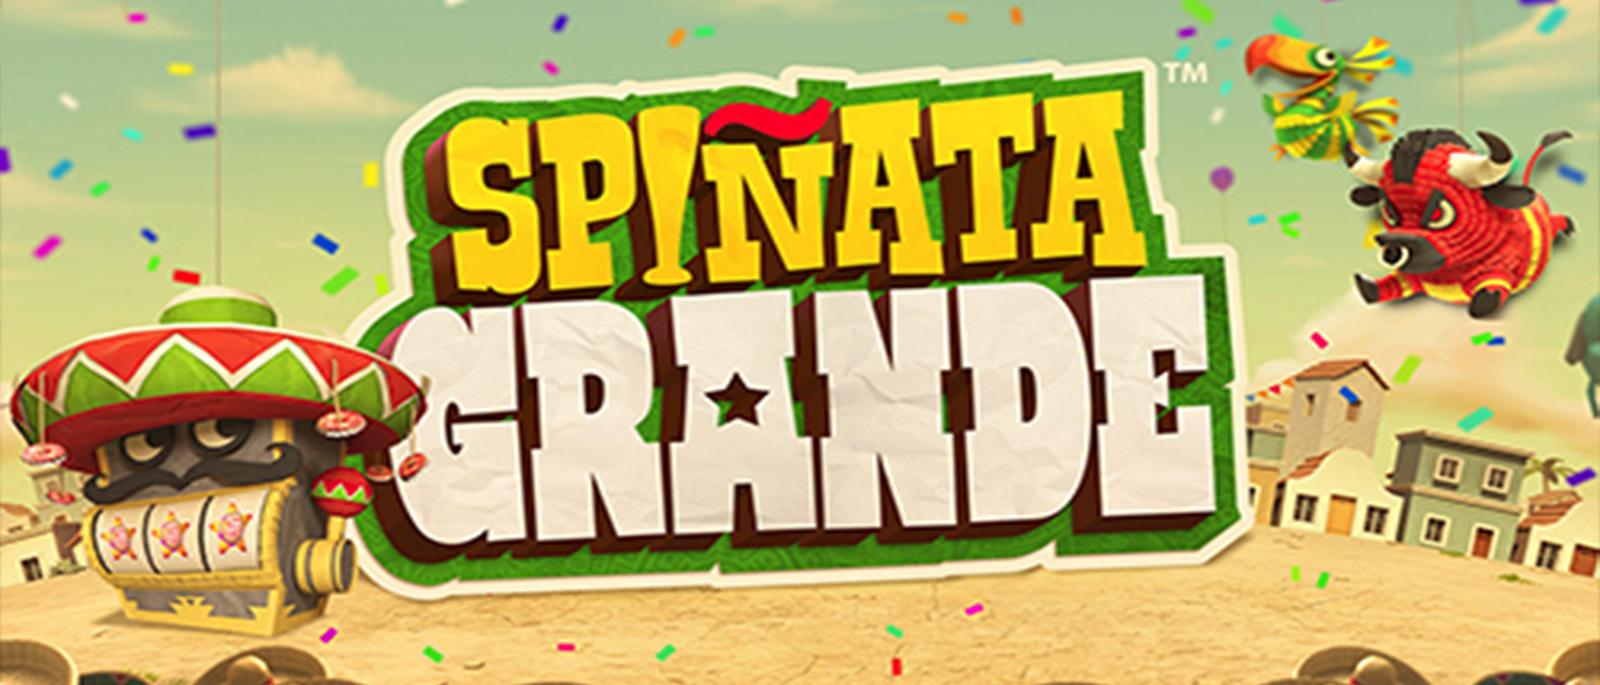 Netent Slot Spinata Grande